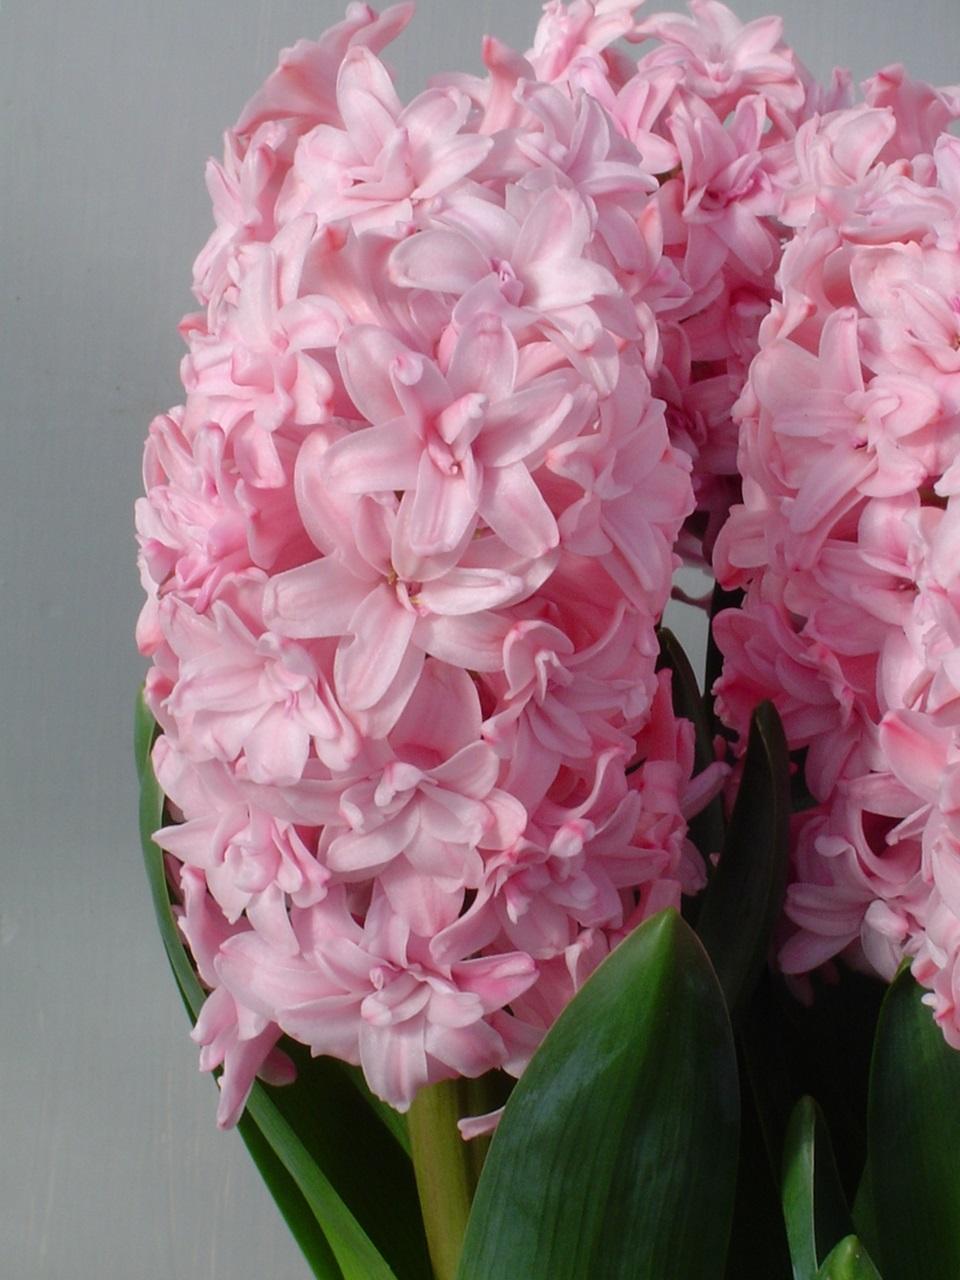 розовый гиацинт фото 4